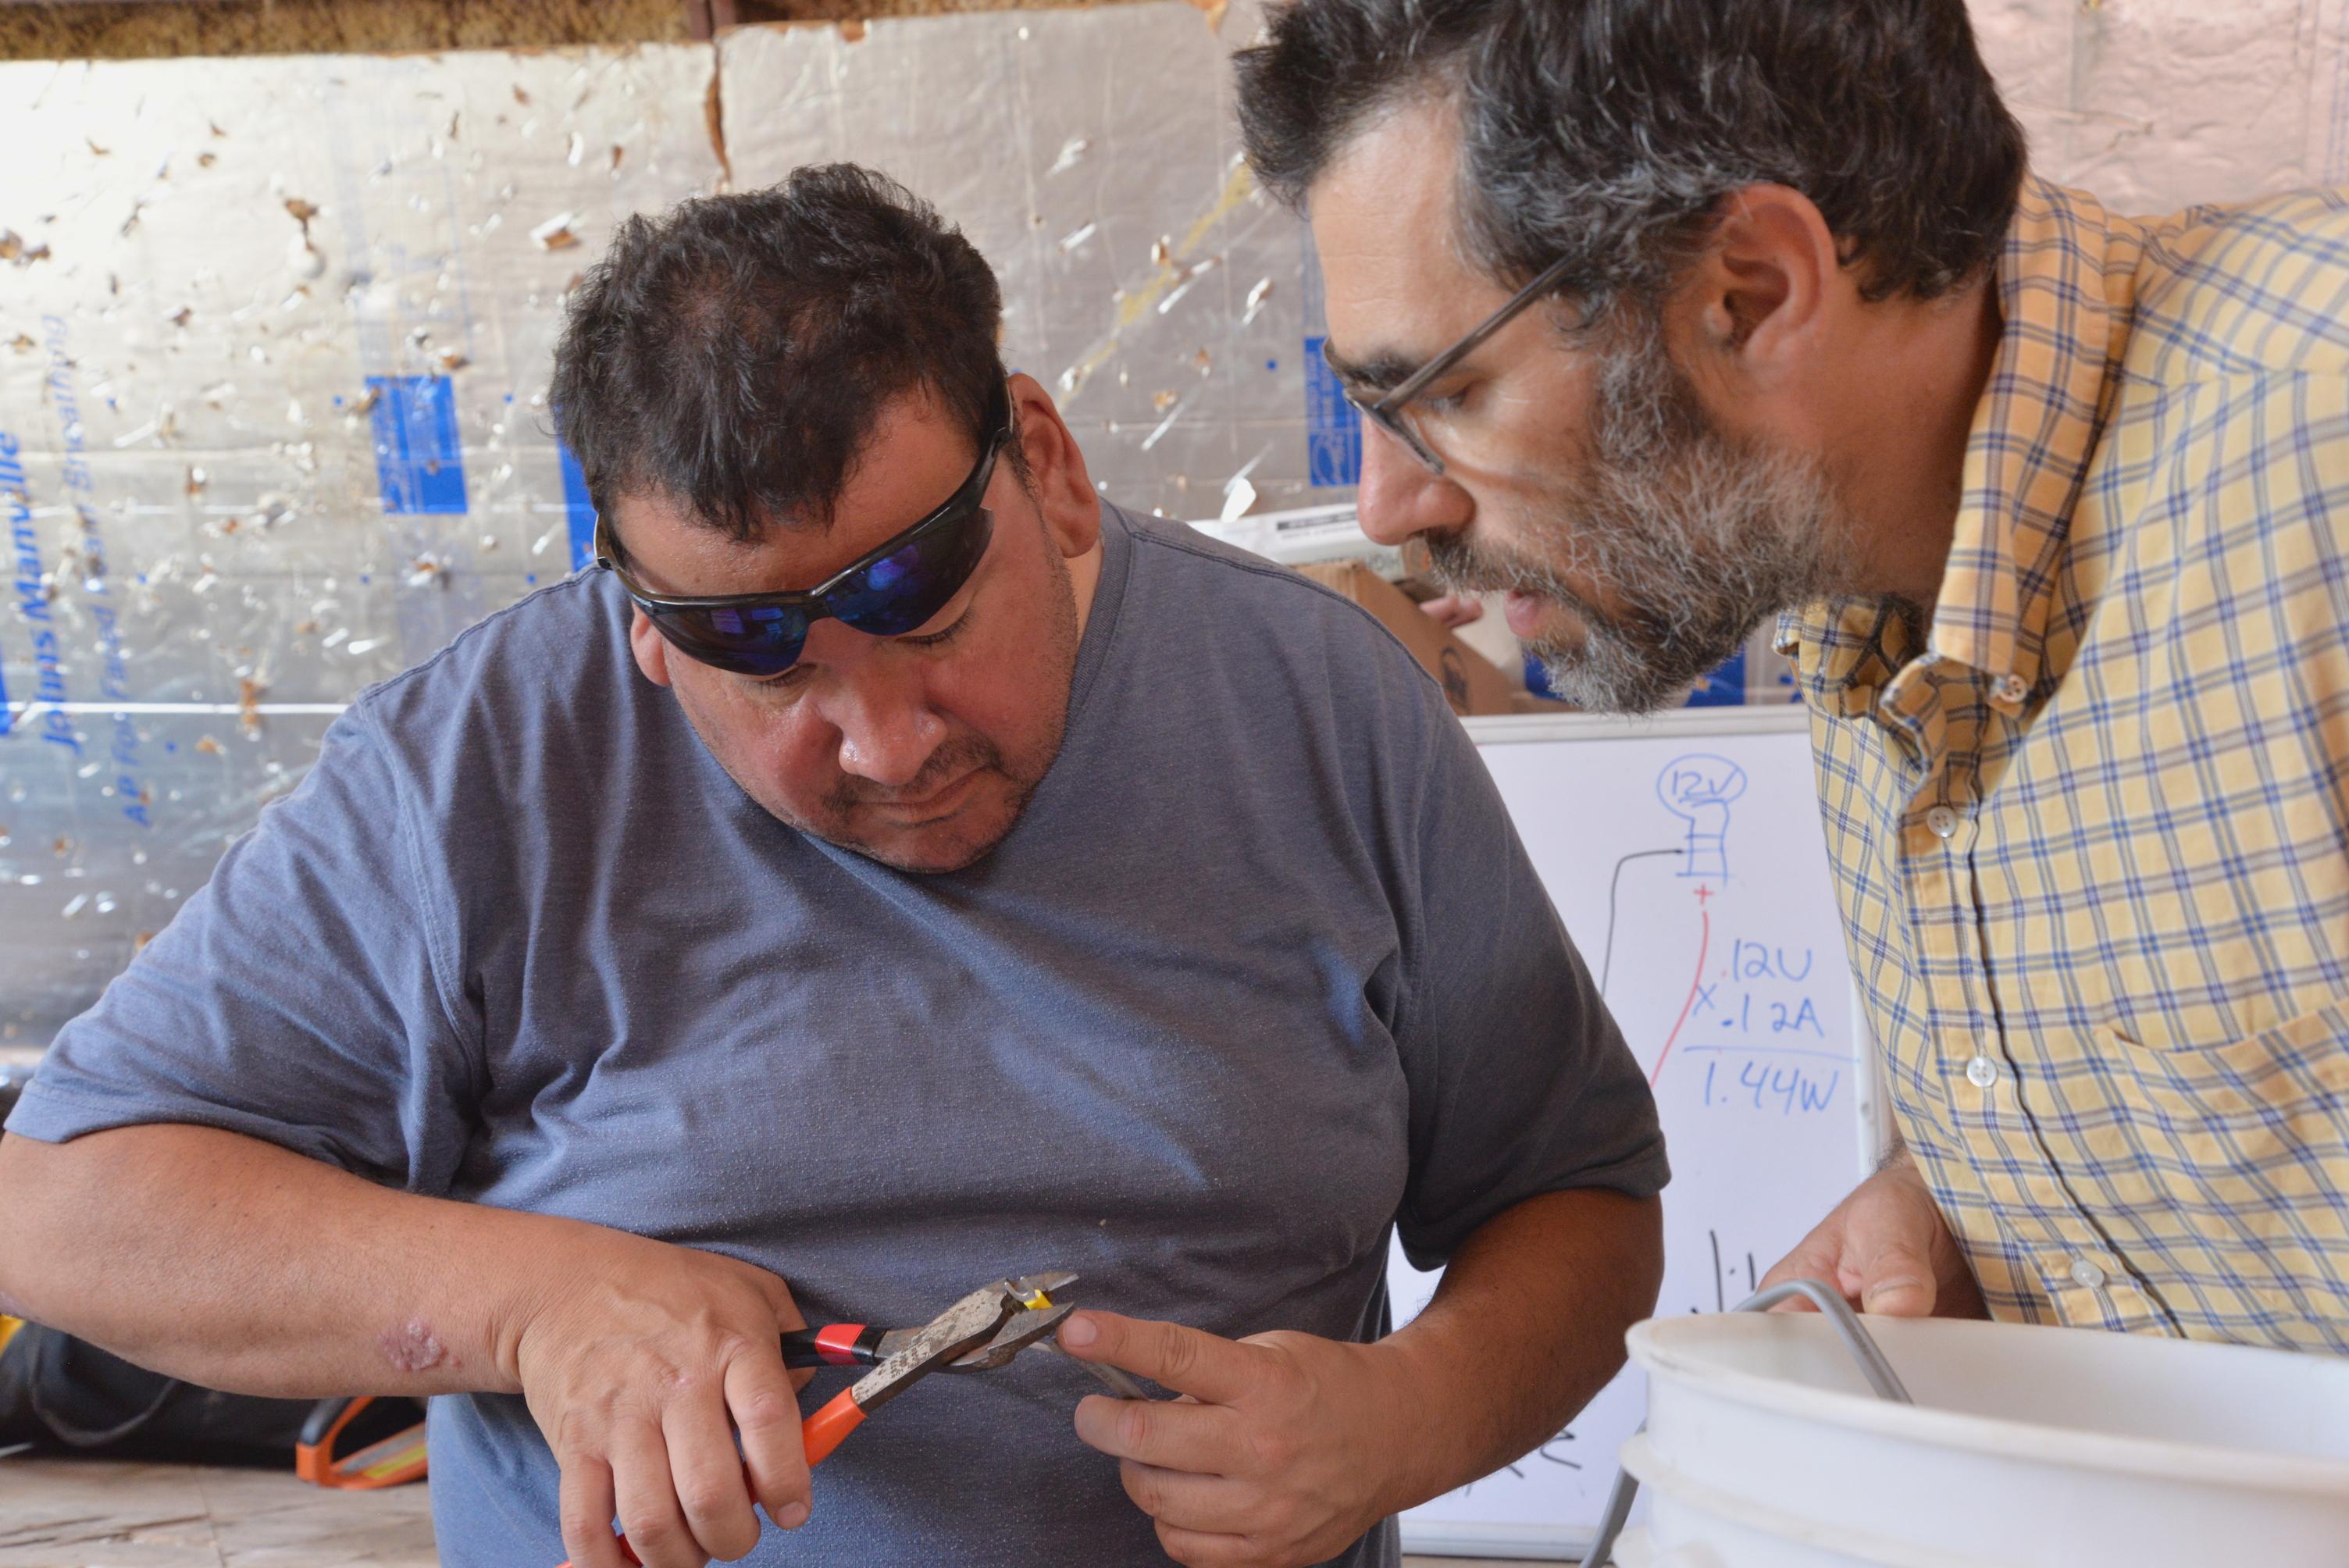 Art Rave at Mobile Power Station workshop